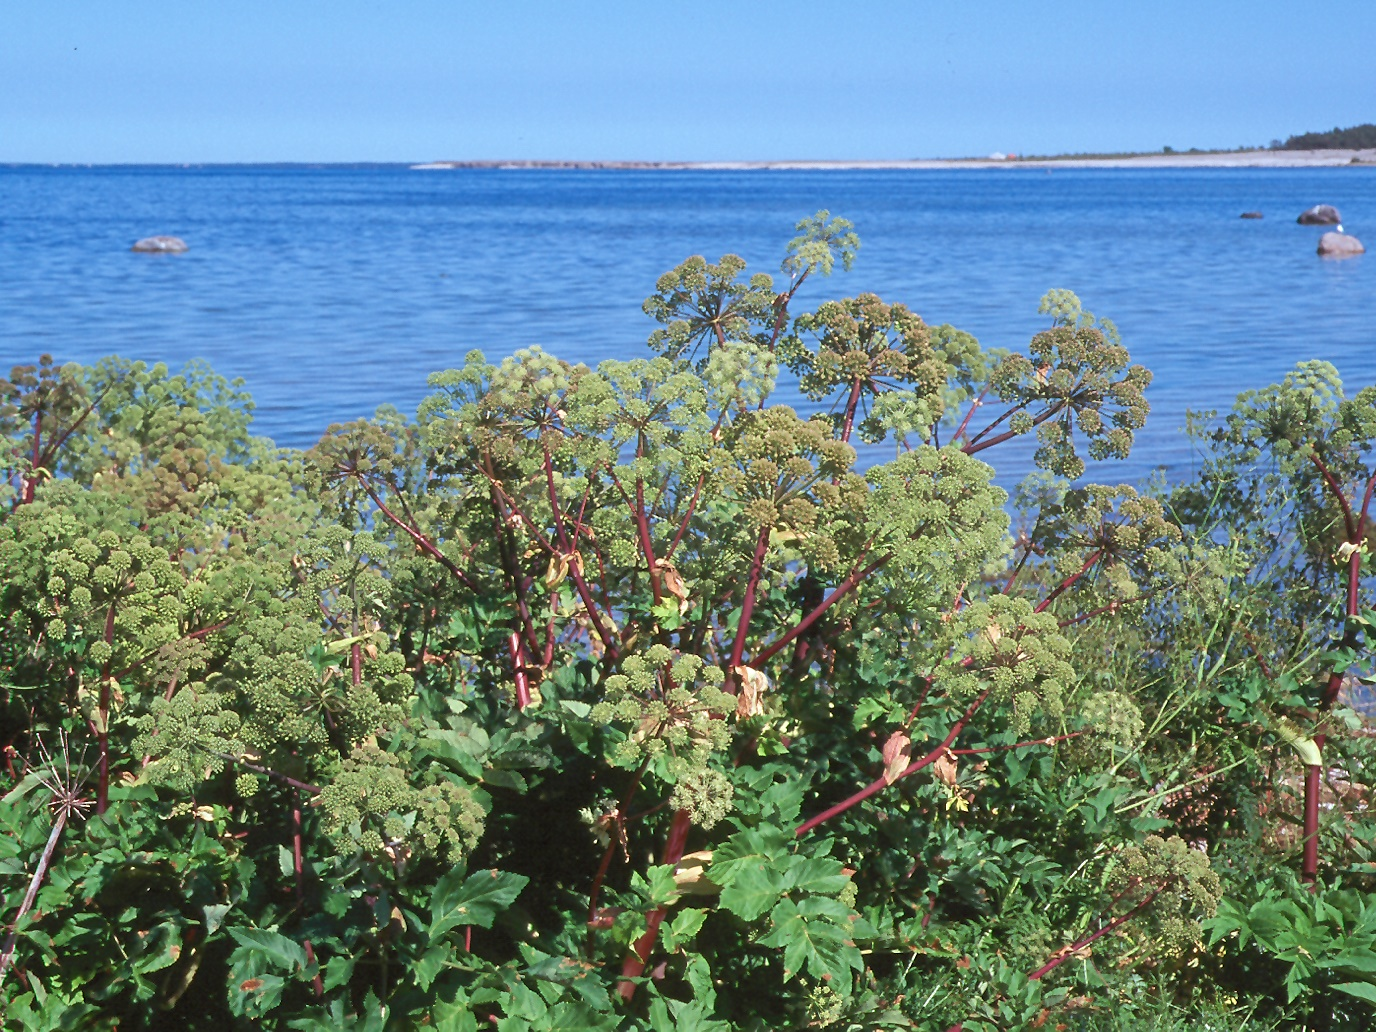 Angelica archangelica ssp. littoralis